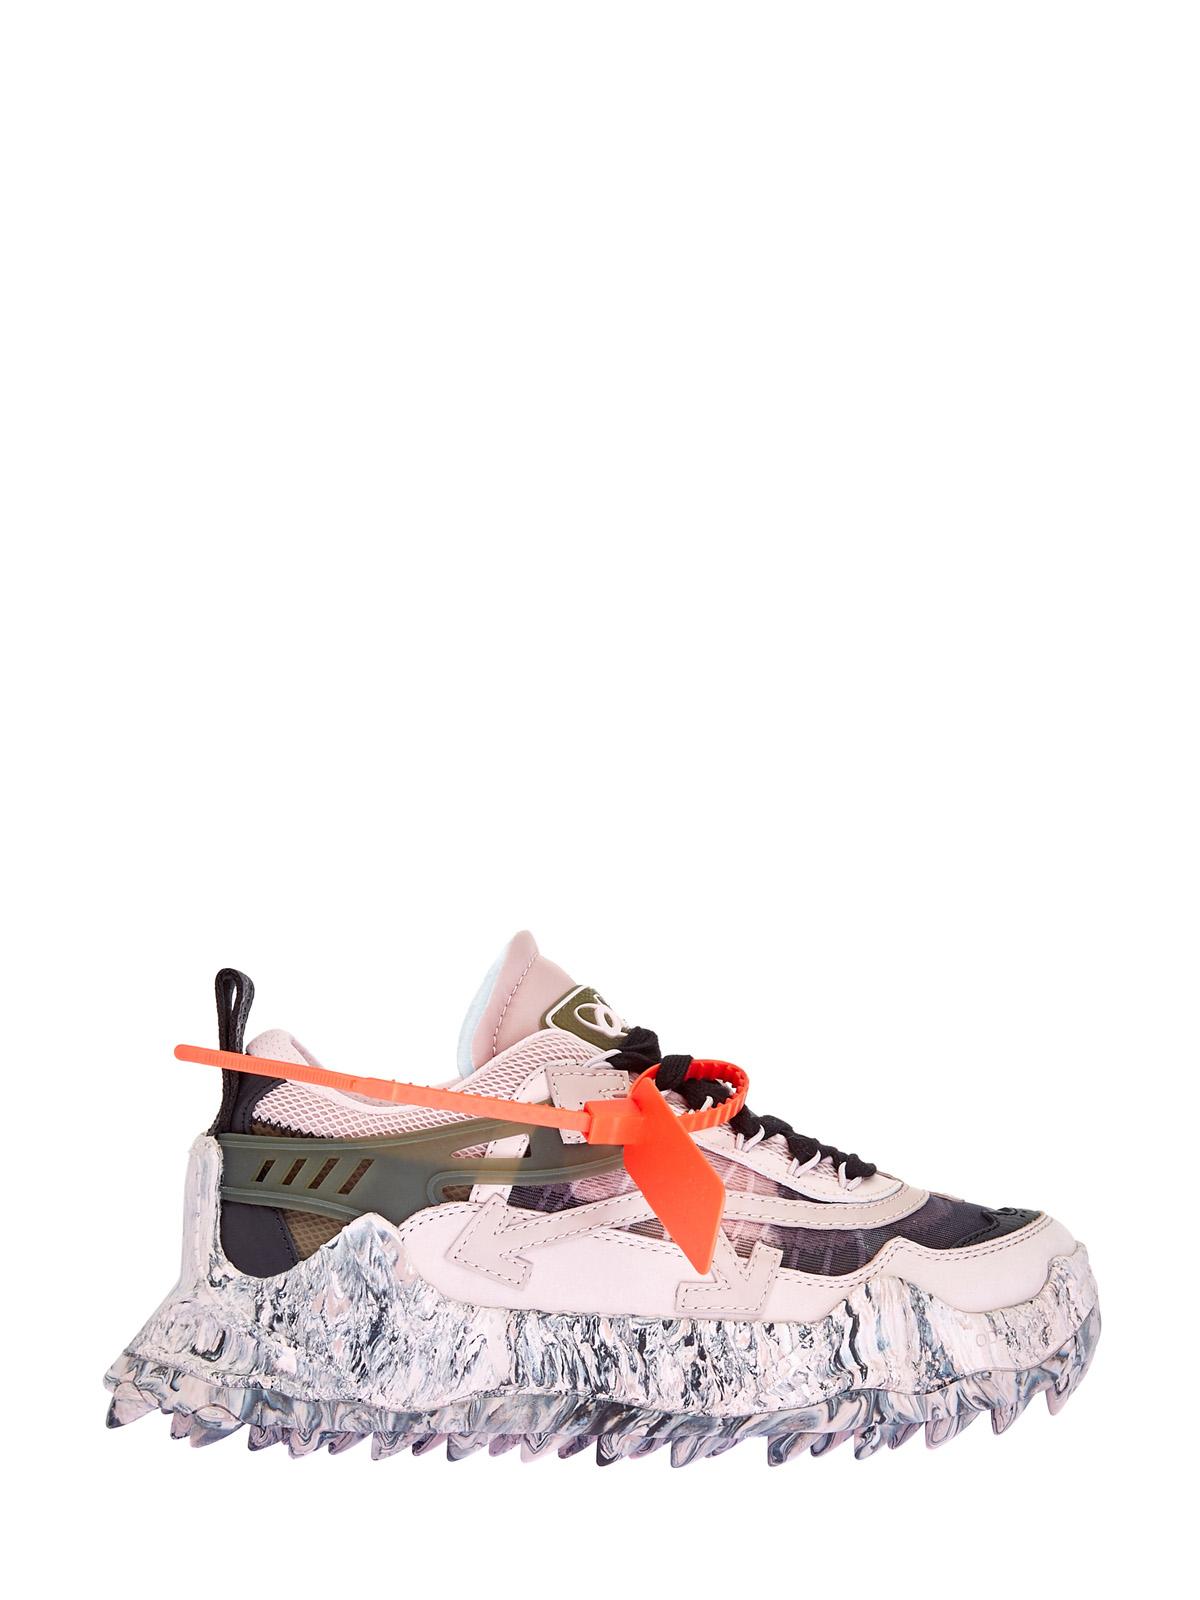 Комбинированные кроссовки Odsy-1000 с мраморным декором ранта